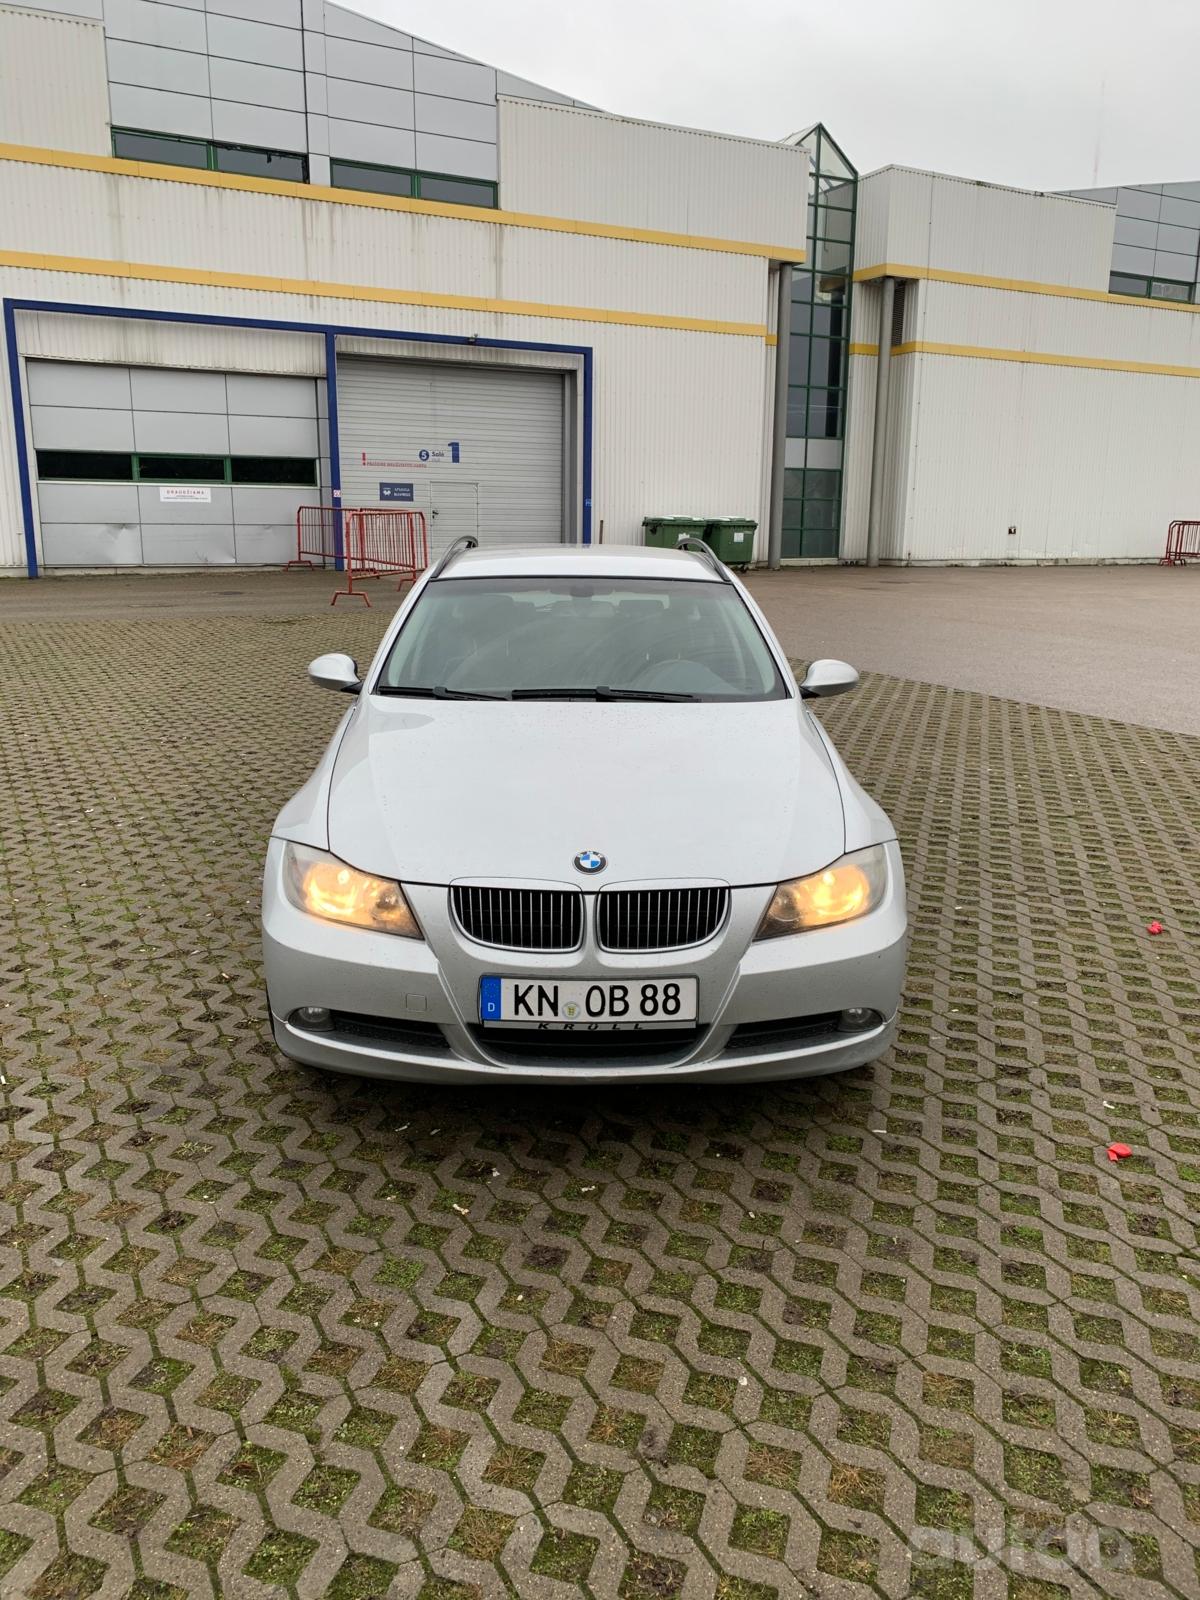 BMW 3 Series E90/E91/E92/E93 Touring wagon | Autoa.lt